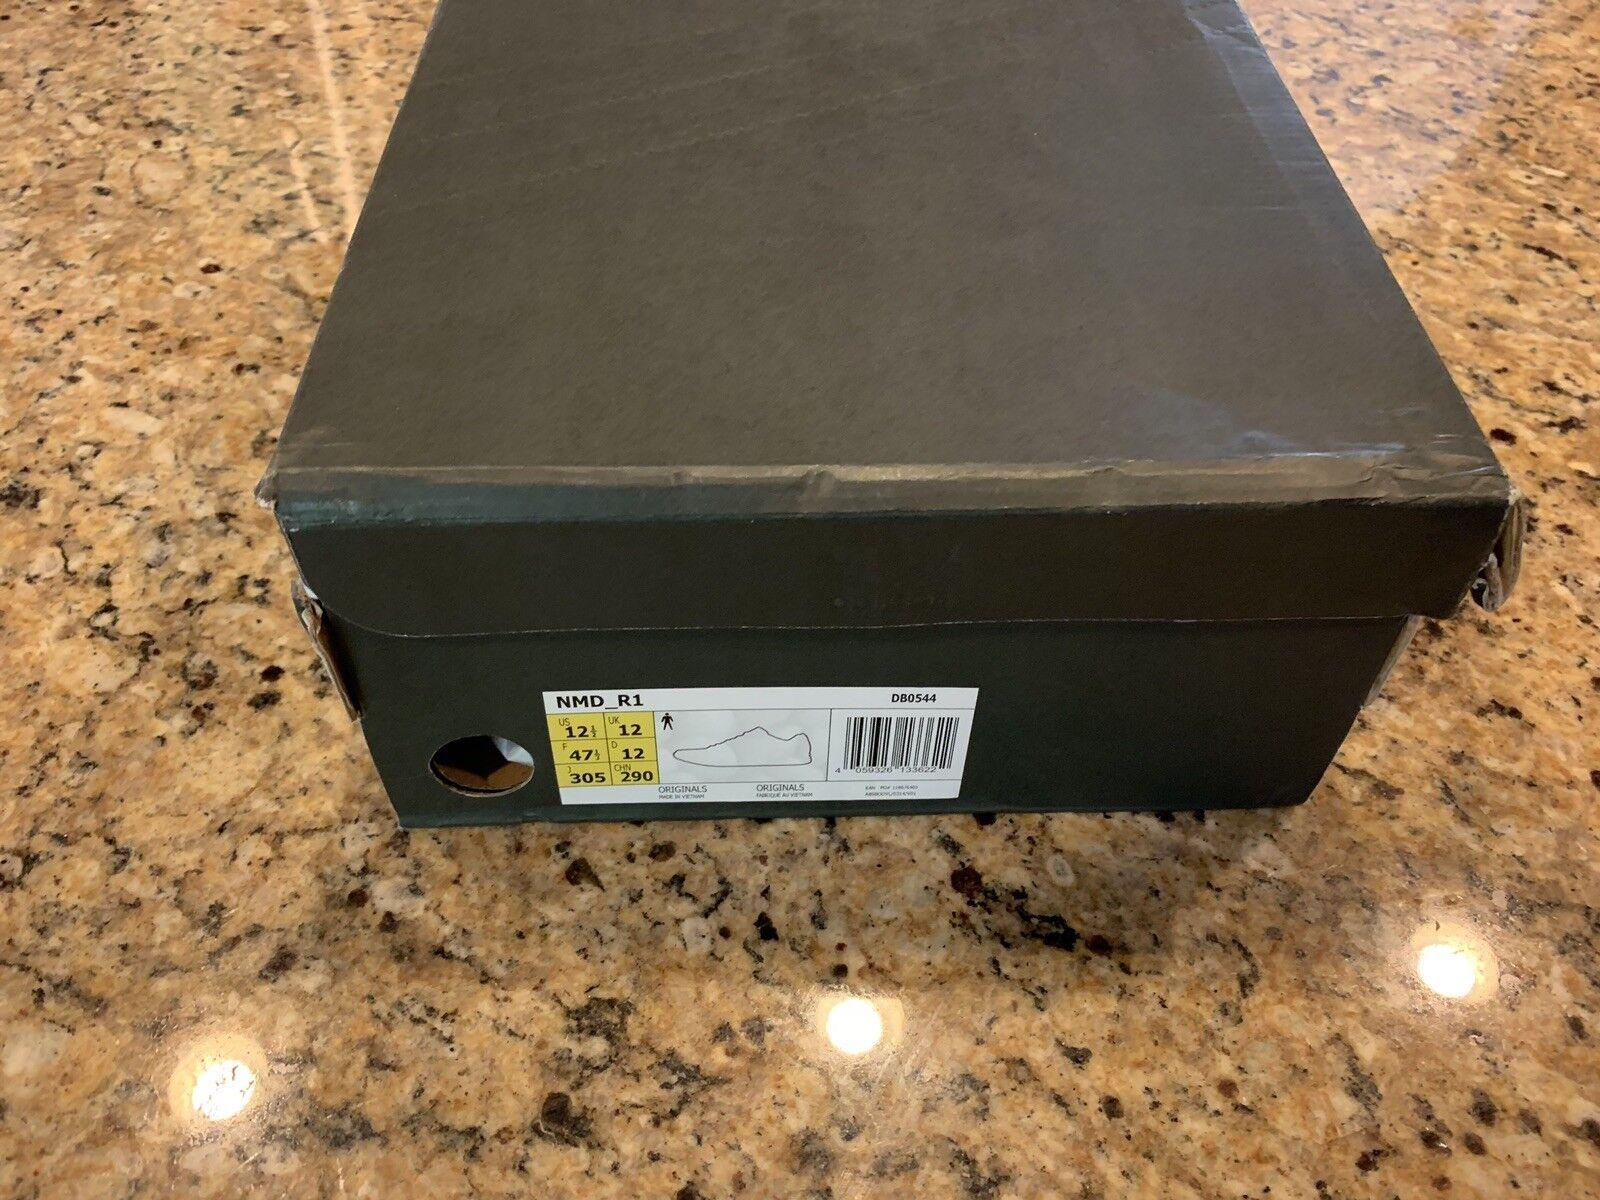 Adidas nmd r1 - schwarz - r1 grau der maschenweite 12,5 db0544 euro selten 48aa05